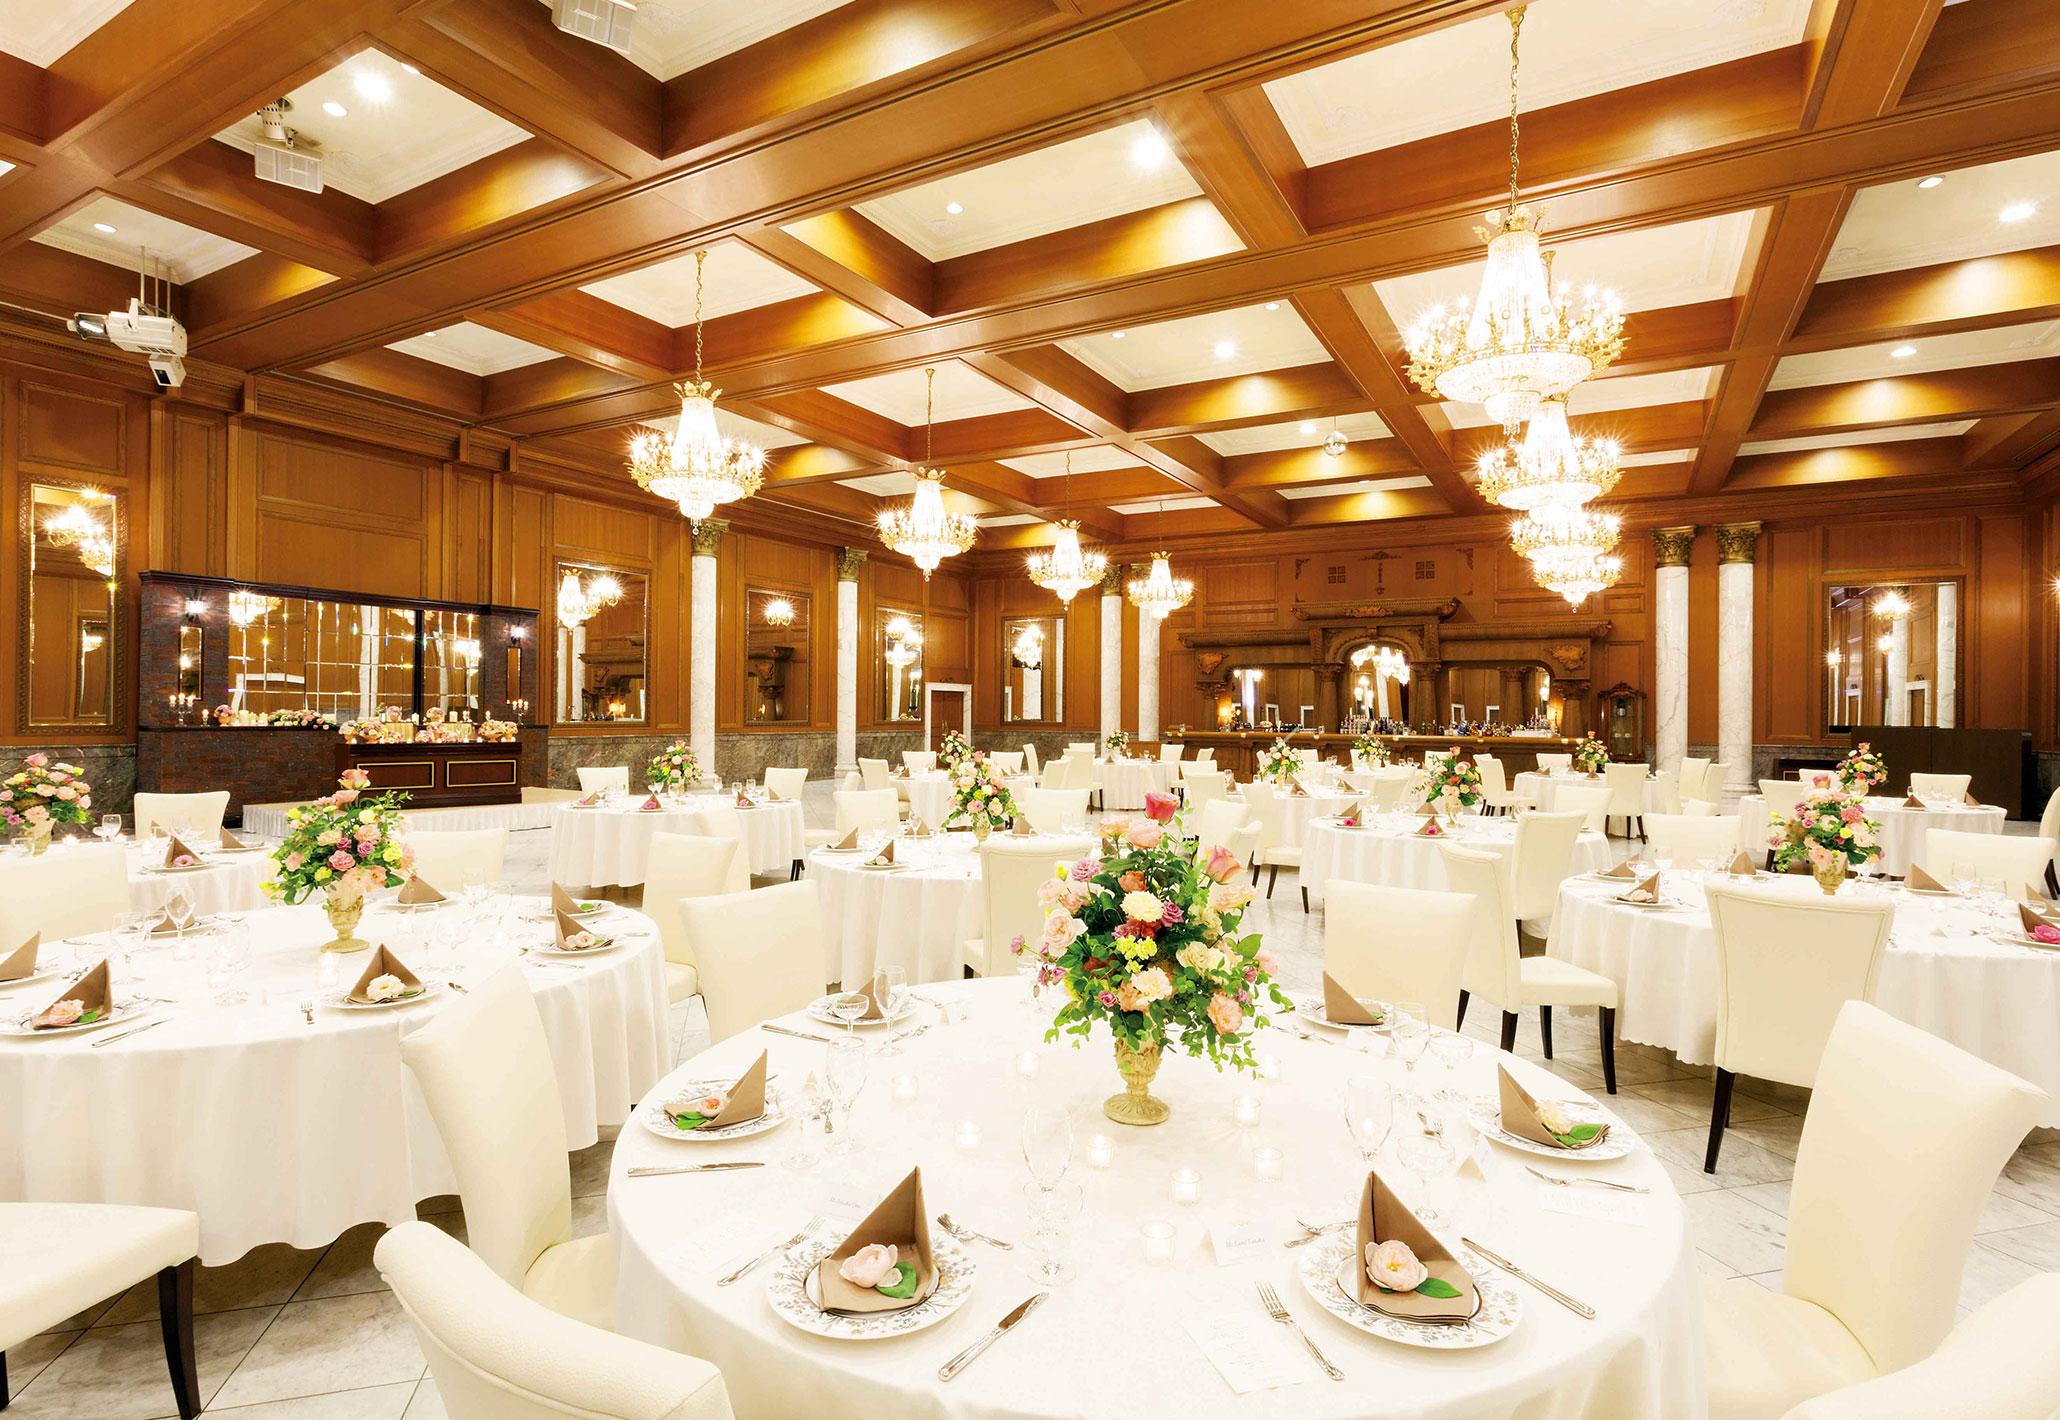 ゲストの着席人数に比べて広めの会場は、大勢を招待しても広々と使える。人数によって会場の大きさがフレキシブルに変えられるのもうれしい。余興には、備え付けのステージや照明も使って一層華やかに   愛媛県西条市の結婚式場ベルフォーレ西条